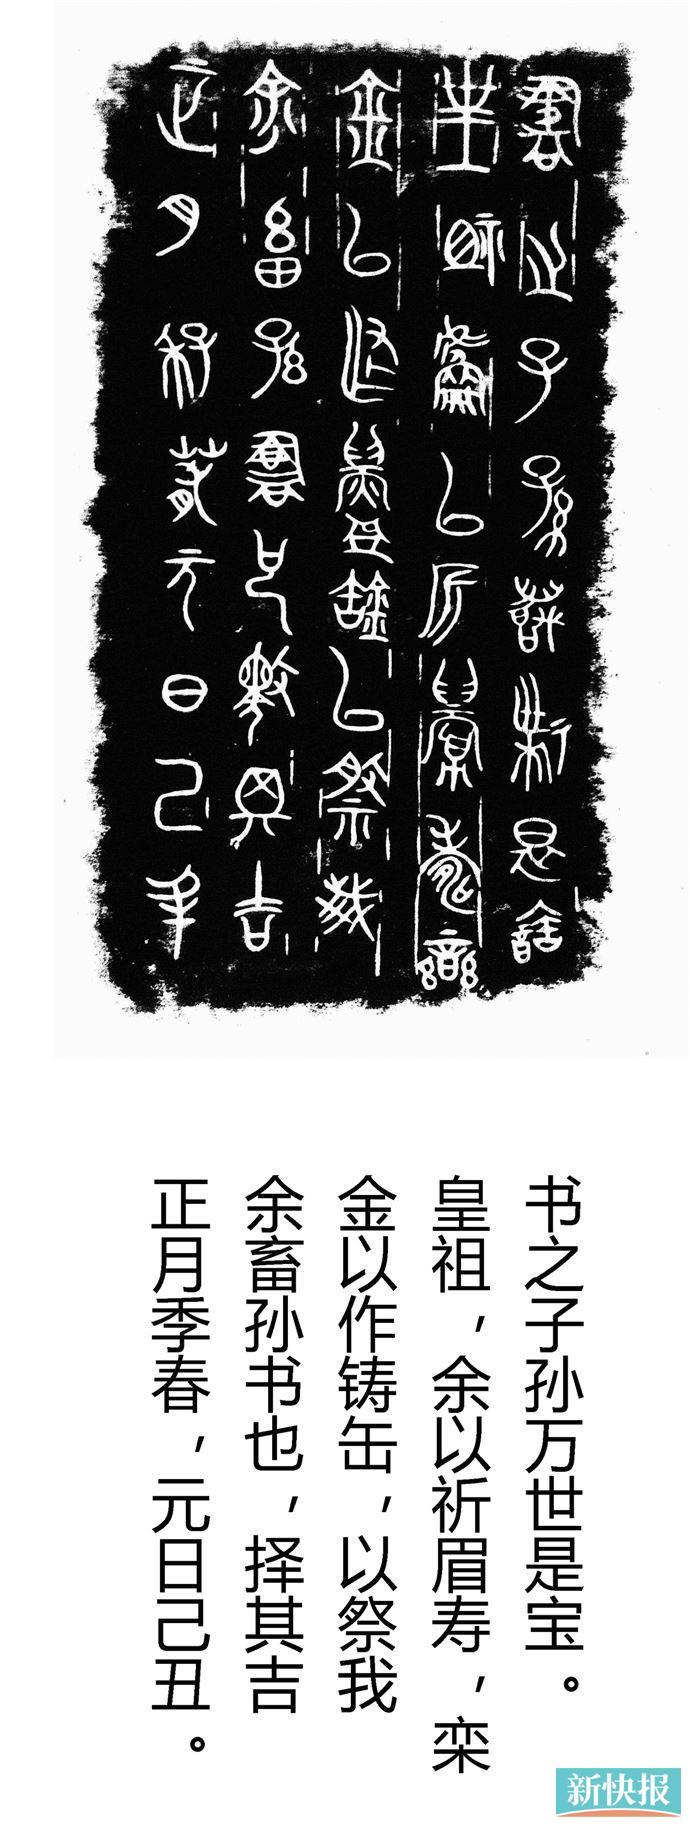 陈抗回忆老师容庚:我们到容先生家里借书,从来有求必应